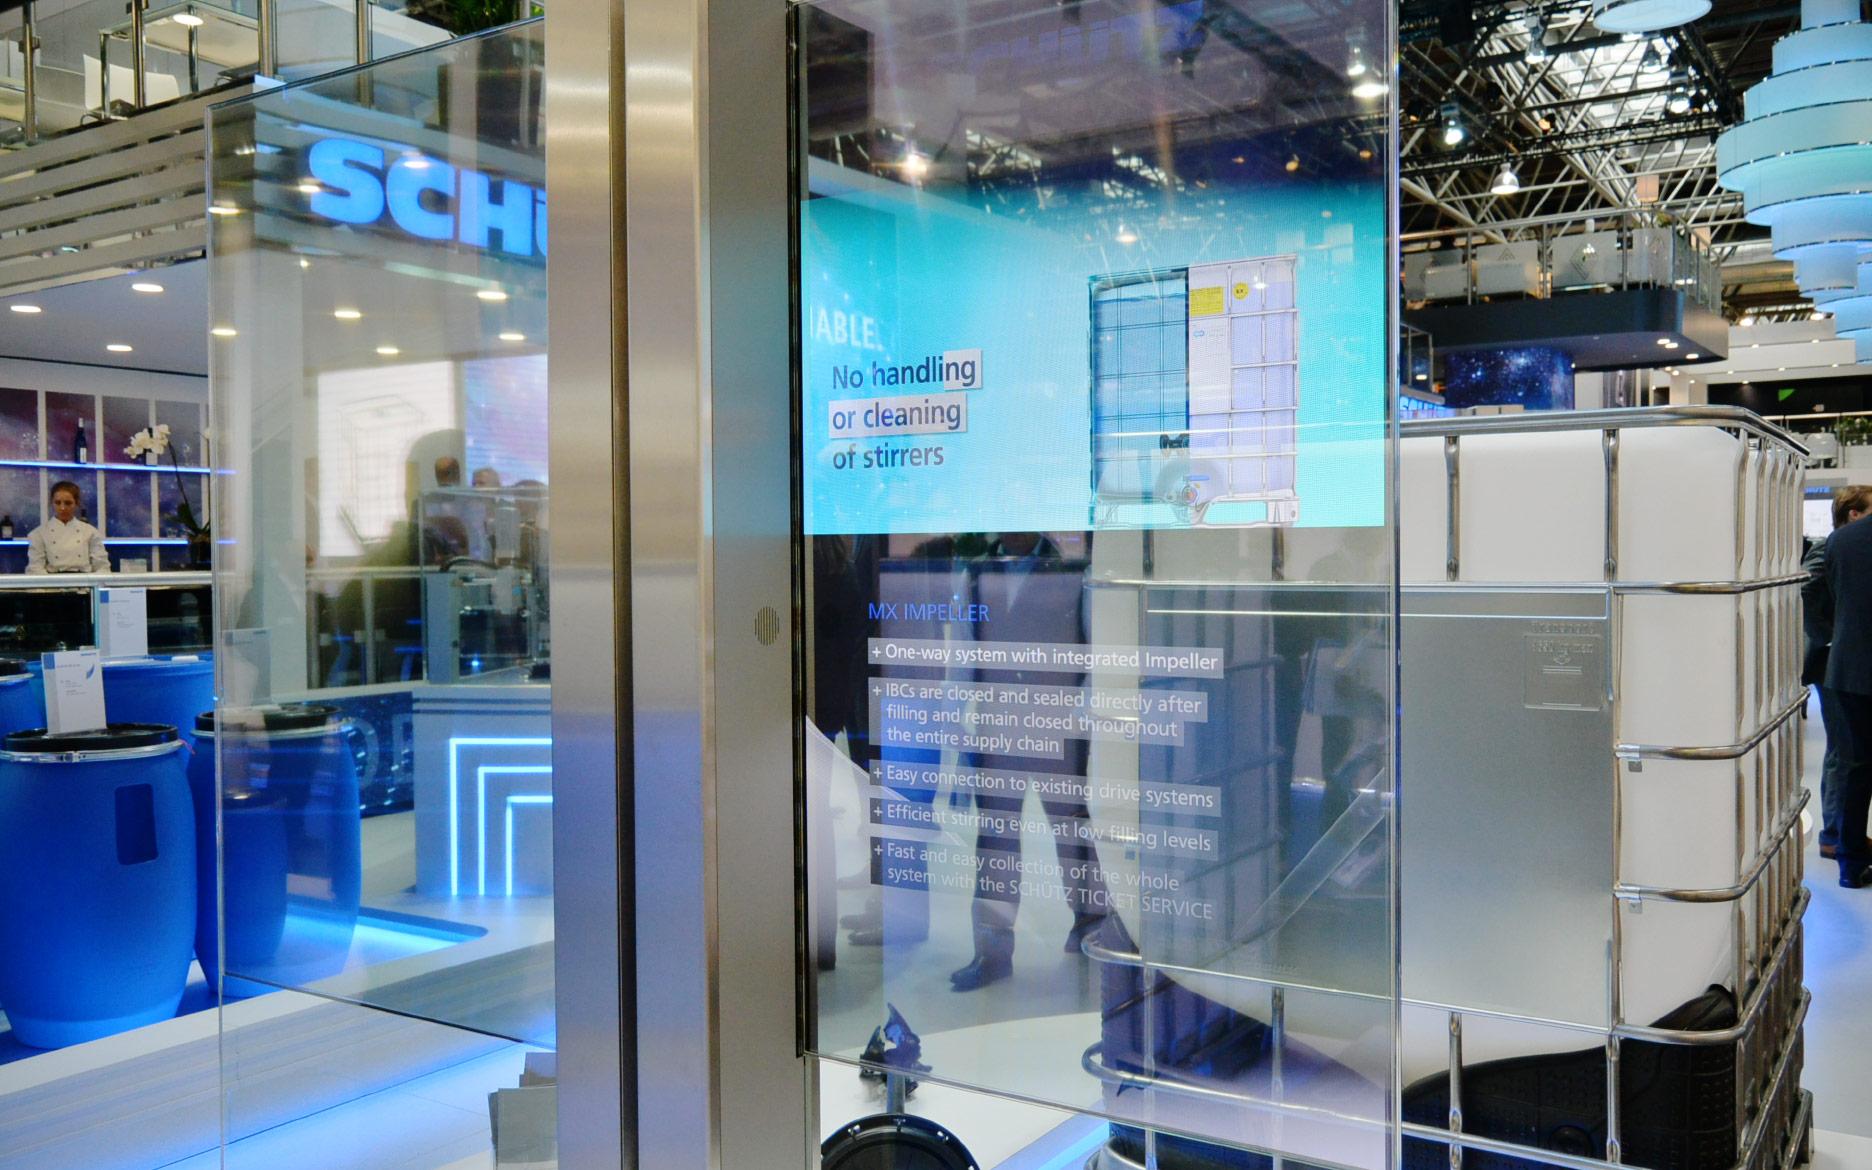 Rahmenlose transparente OLED Screen Stele für SCHÜTZ auf der Interpack 2017